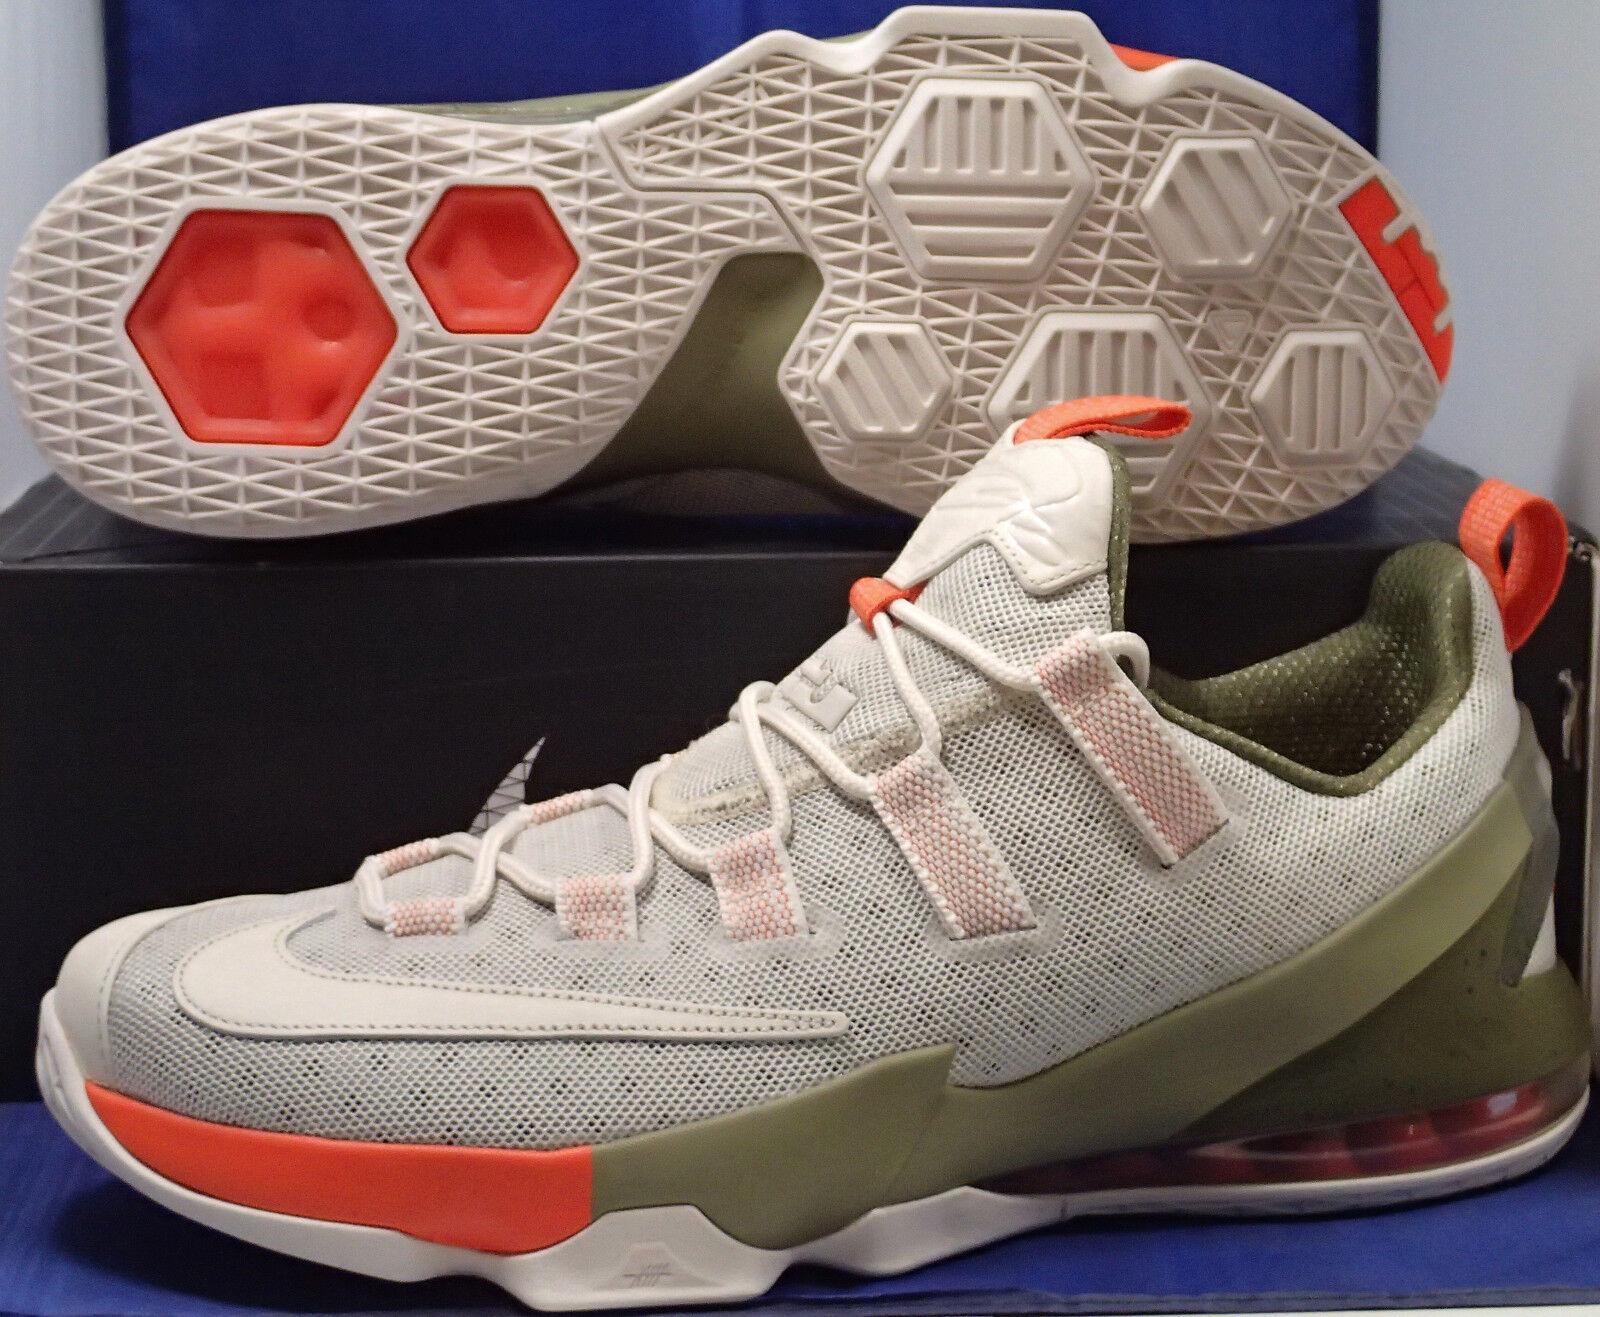 Nike Lebron Phantom XIII 13 faible Limited Phantom Lebron Olive Orange SZ 14 ( 849783-002 ) 451b34